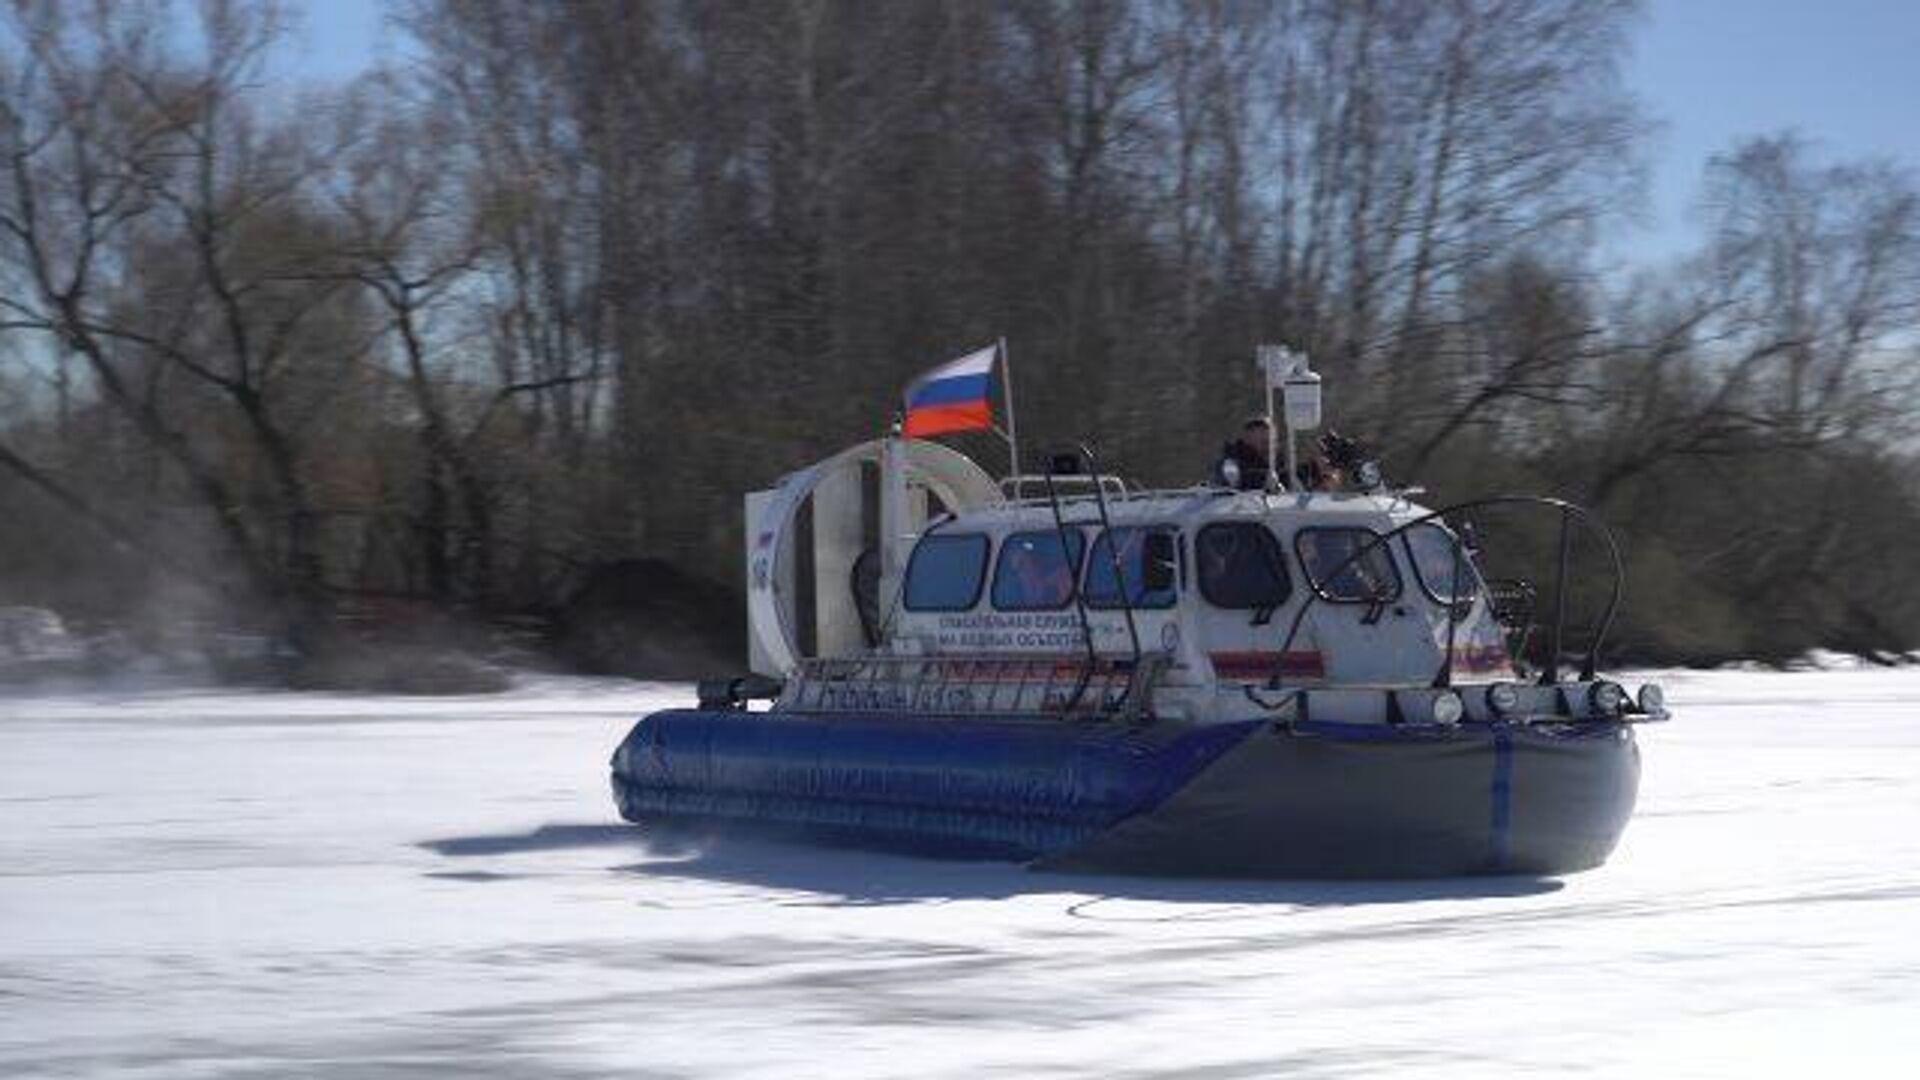 На тонком льду: как московские спасатели патрулируют водоемы - РИА Новости, 1920, 12.04.2021